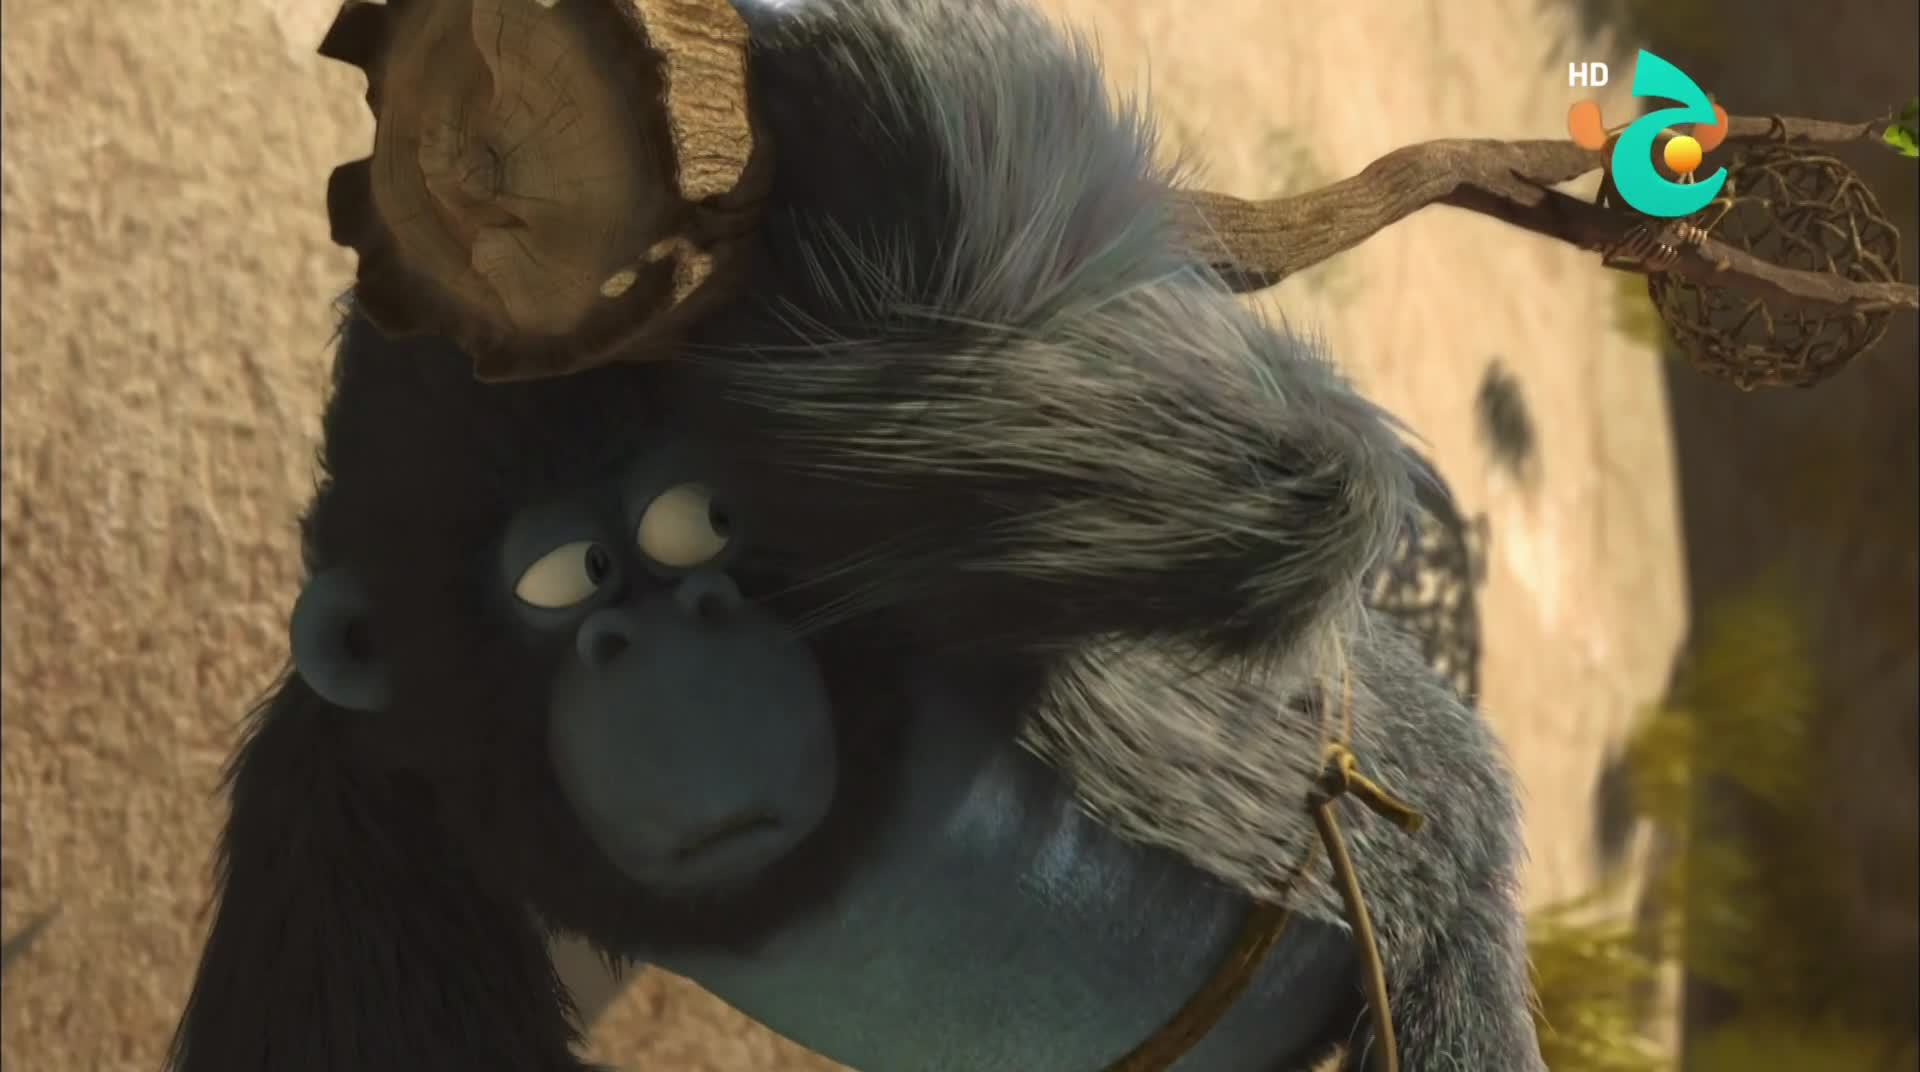 أسطورة النمر المحارب The Jungle Bunch (2011) HDTV 1080p تحميل تورنت 8 arabp2p.com